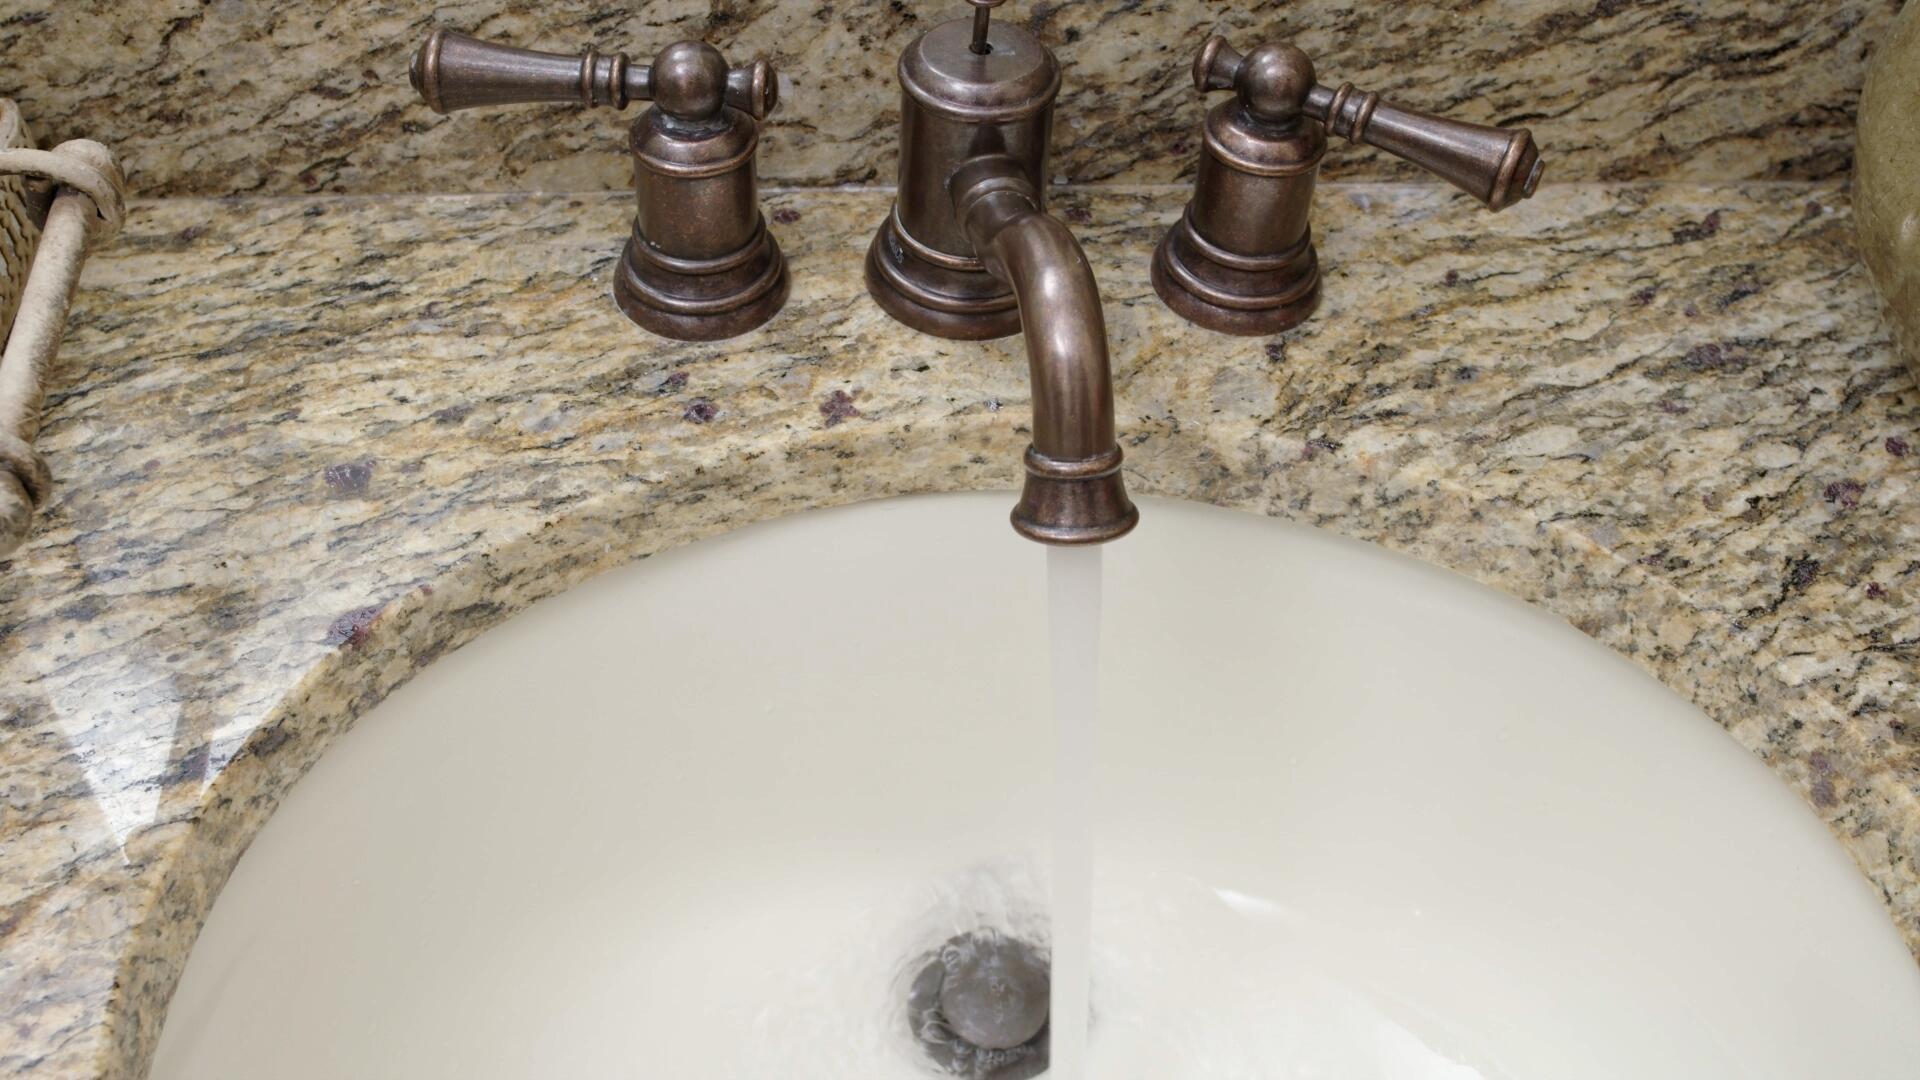 Sink-Use-As-Normal.jpg